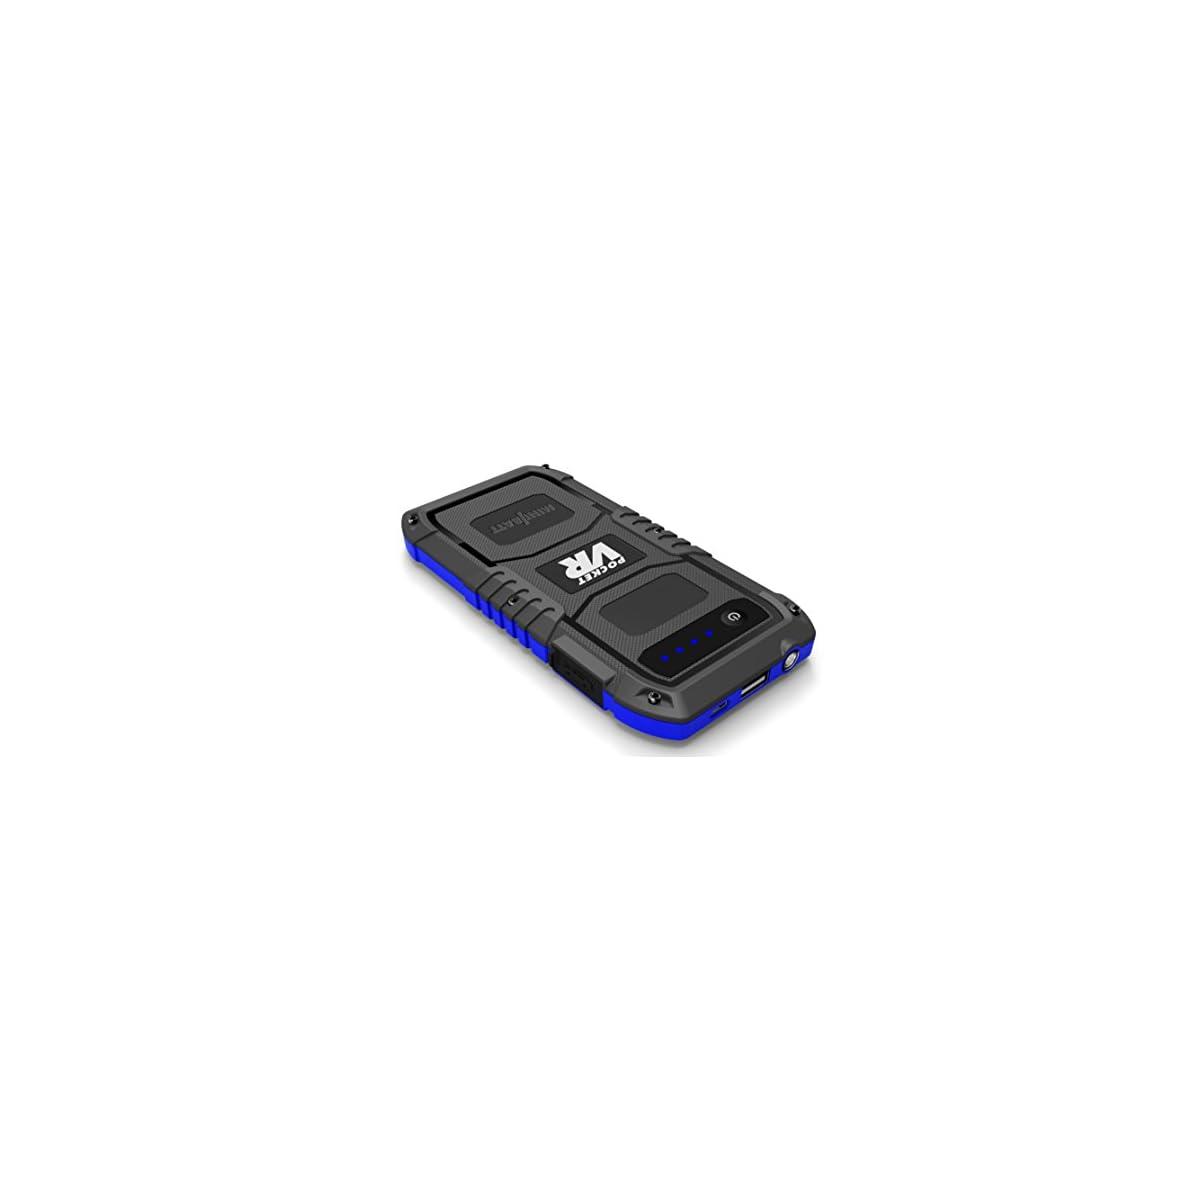 41 k4nmih9L. SS1200  - Minibatt - Jump Starter Batería Arrancador de Coche (Batería Externa Recargable, LED Flashlight, Multifunción, Con pinzas inteligentes)